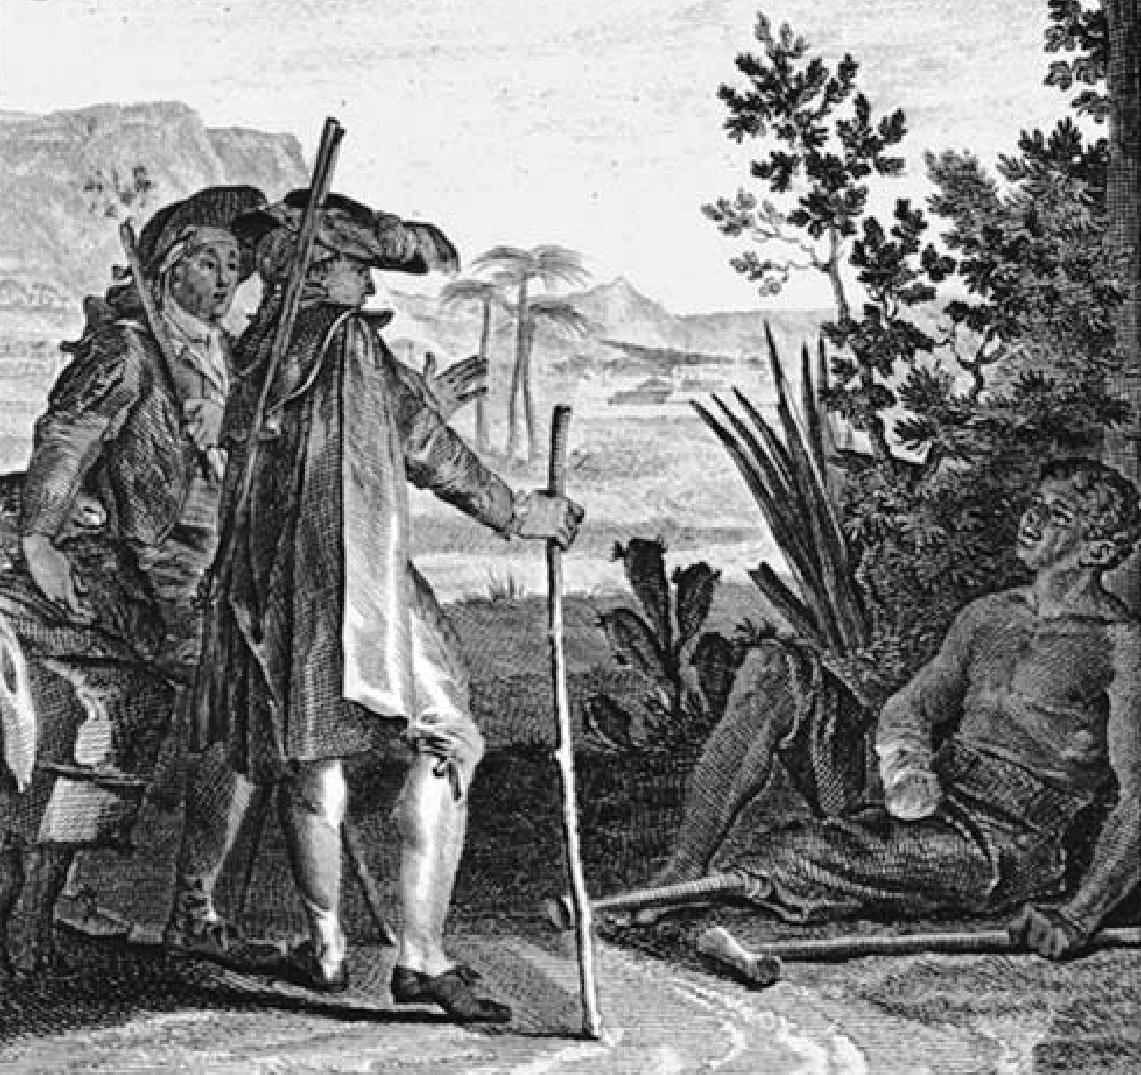 voltaire candide chapitre 19 dissertation Ce texte est un extrait de candide, c'est plus exactement le chapitre 19, écrit par voltaire en 1759  célèbre conte philosophique dans ce texte, il y a un retour à la réalité pour candide.